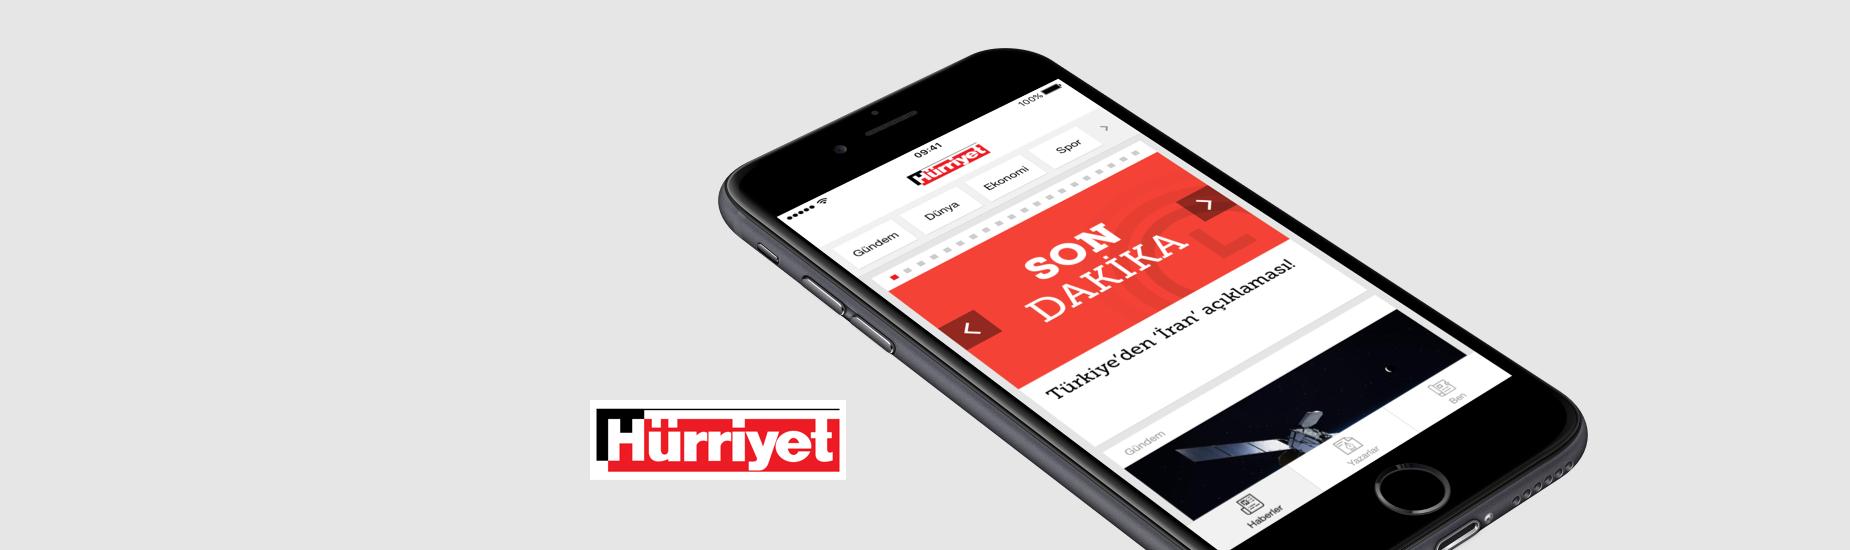 Hürriyet - Mobile Application